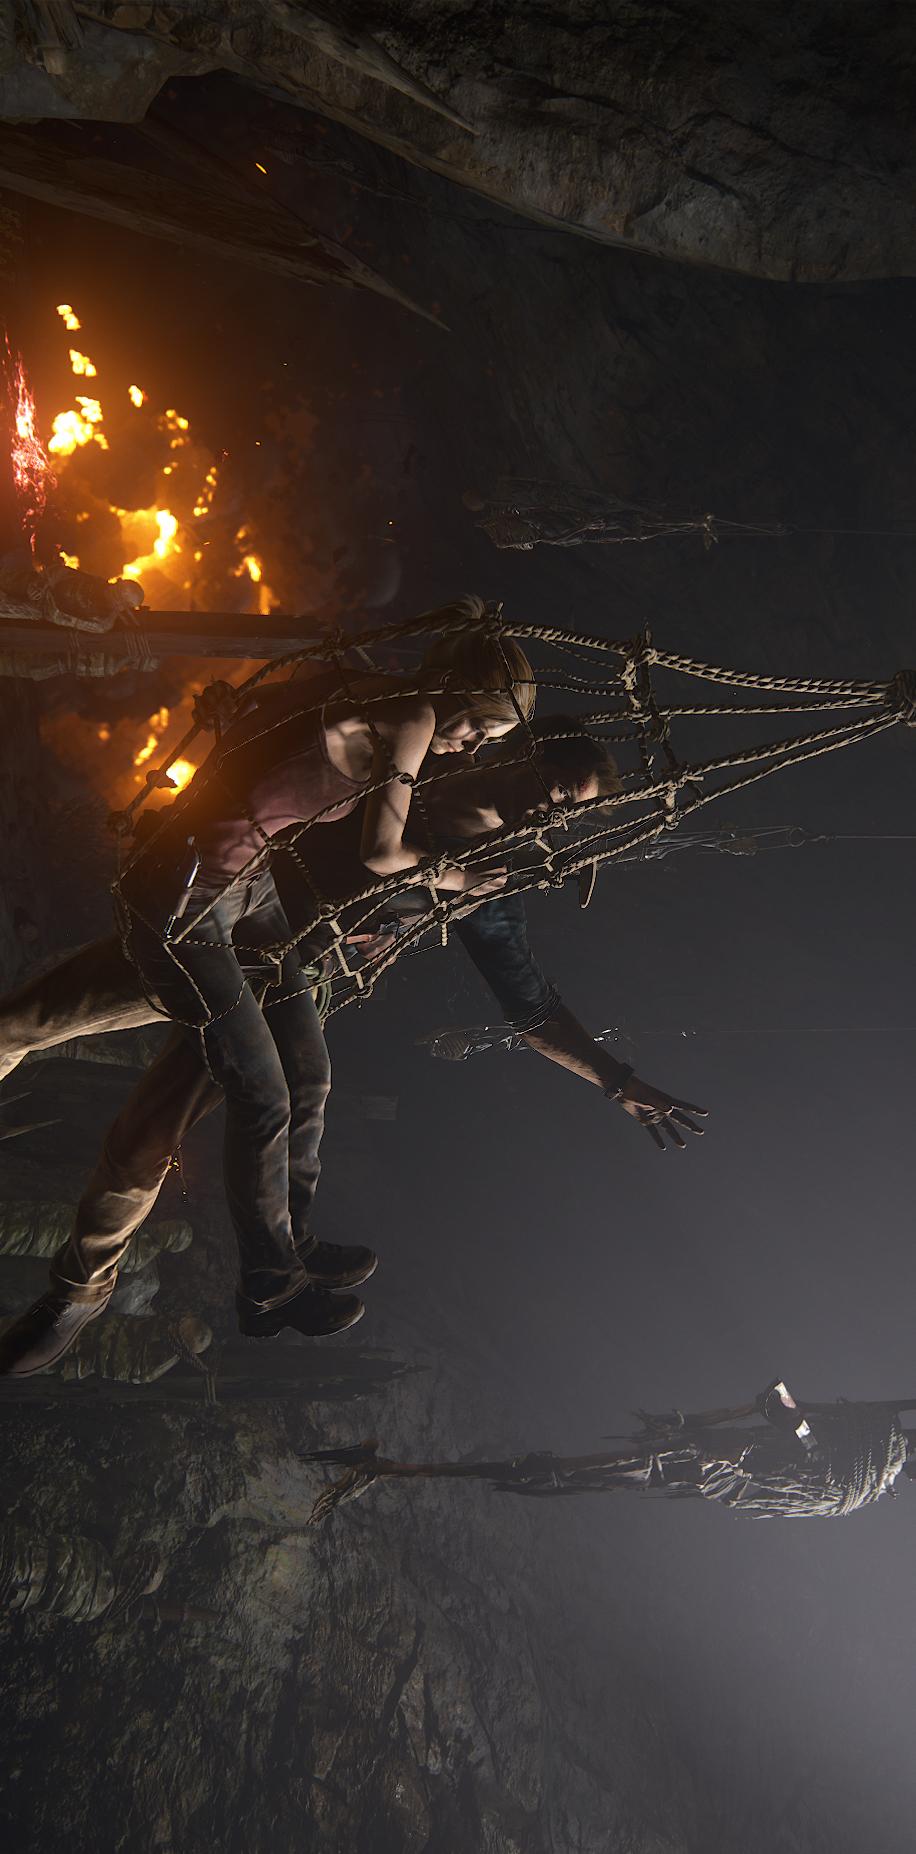 Рецензия на Uncharted 4: A Thief's End | Канобу - Изображение 2